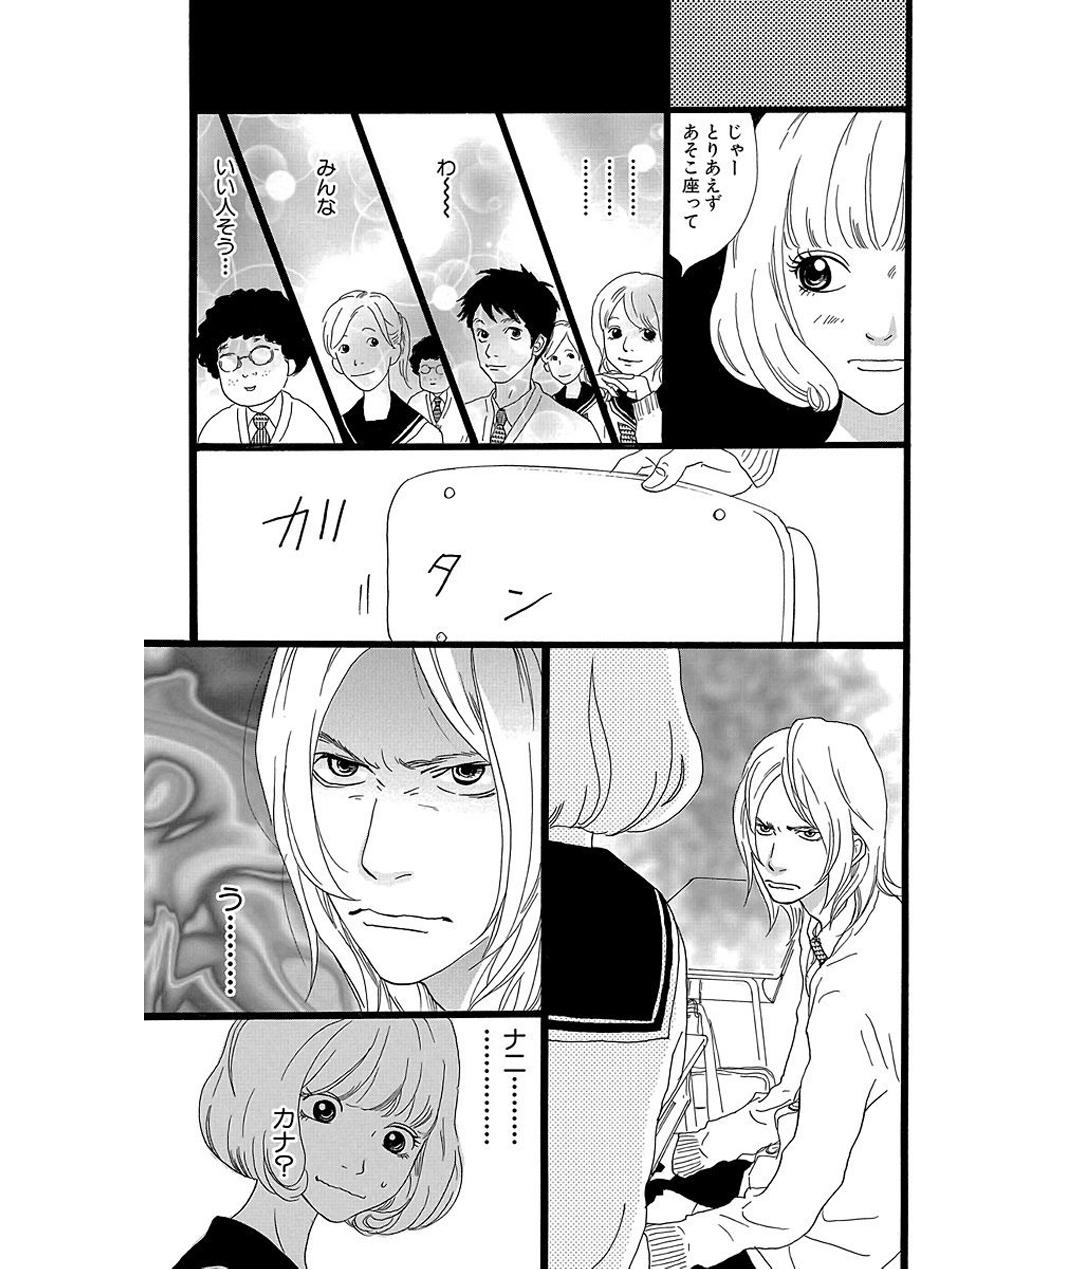 プリンシパル 第1話 試し読み_1_1-13